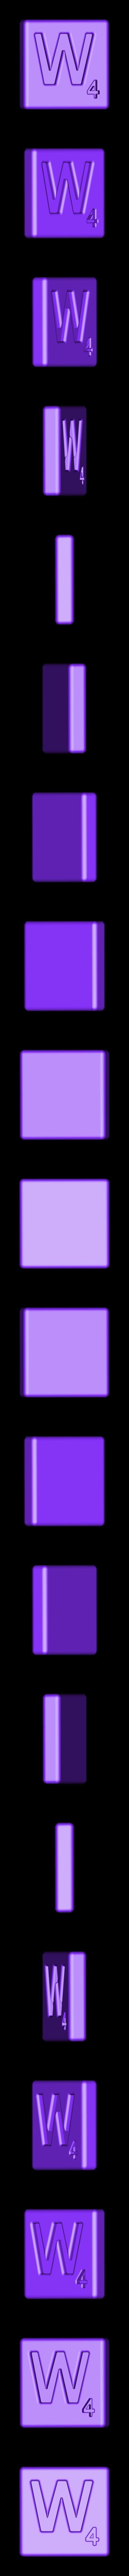 Single_Cut_W.STL Télécharger fichier STL gratuit Pièces et support SCRABBBLE • Design pour imprimante 3D, Balkhagal4D